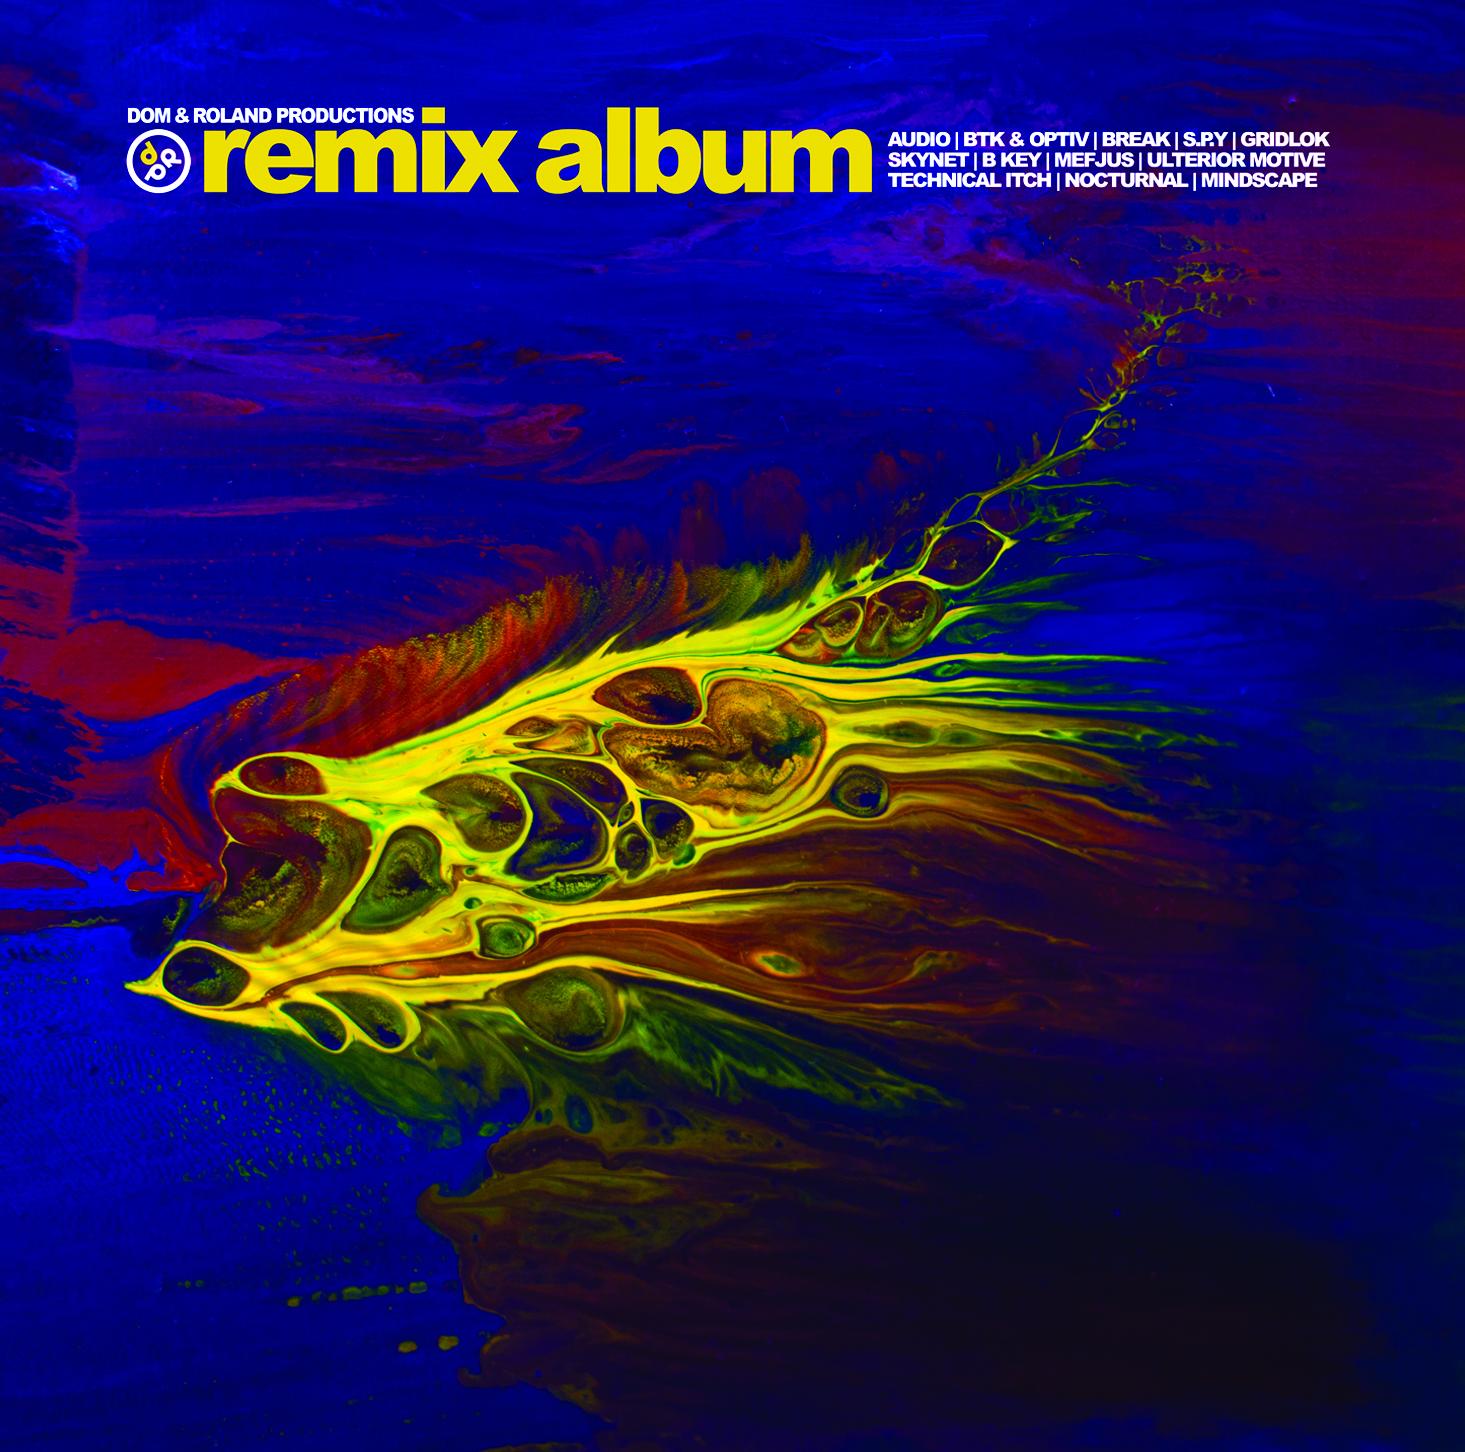 Dom & Roland/REMIX ALBUM CD